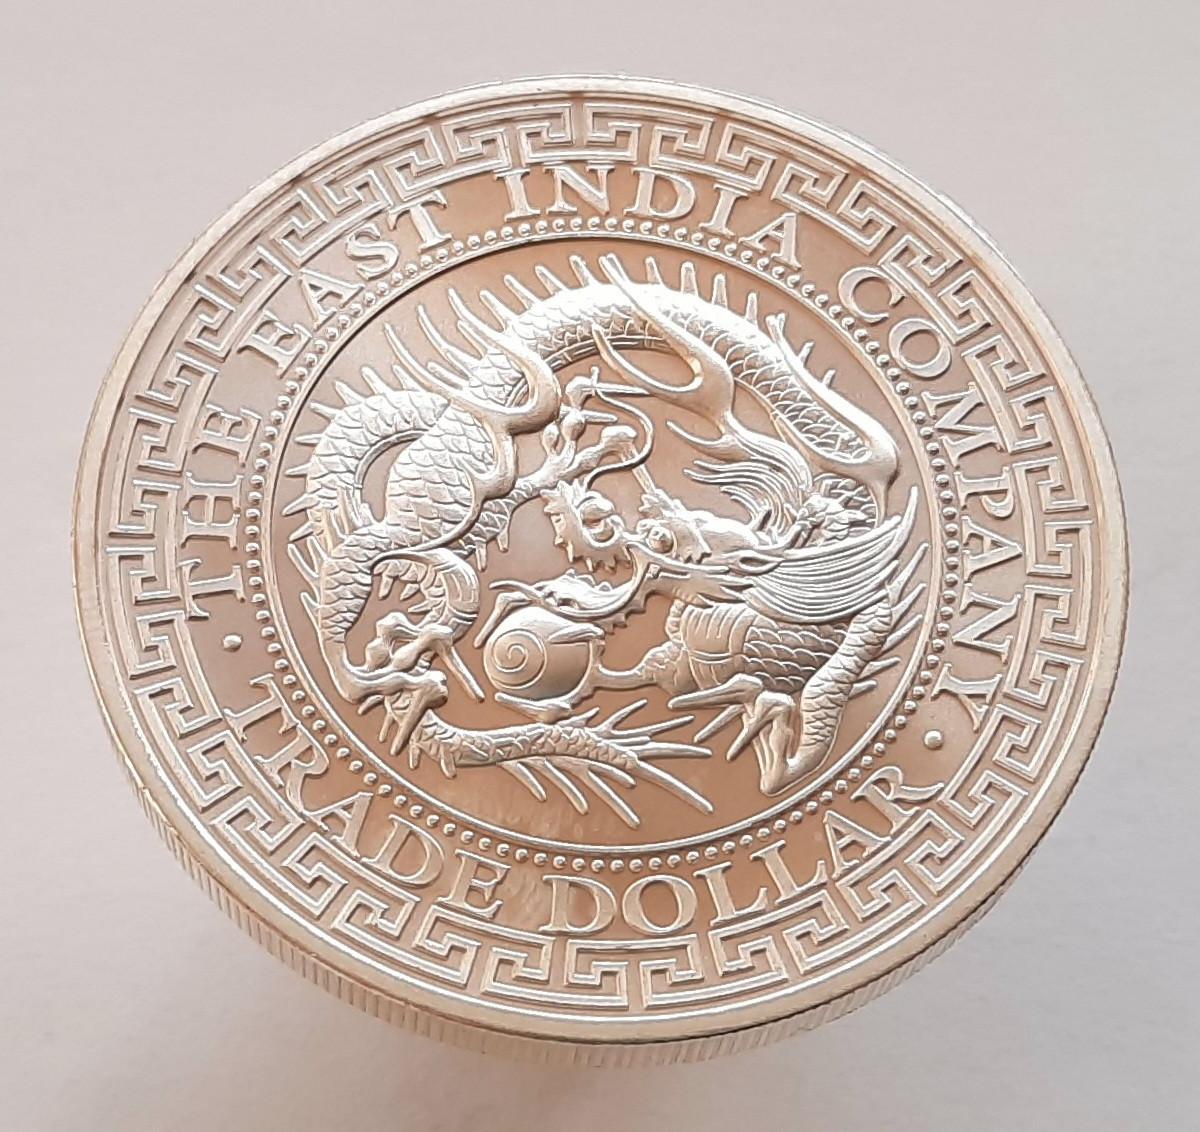 Остров Святой Елены 1 фунт 2020 - Японский торговый доллар (Тройская унция серебра 999 проба.)